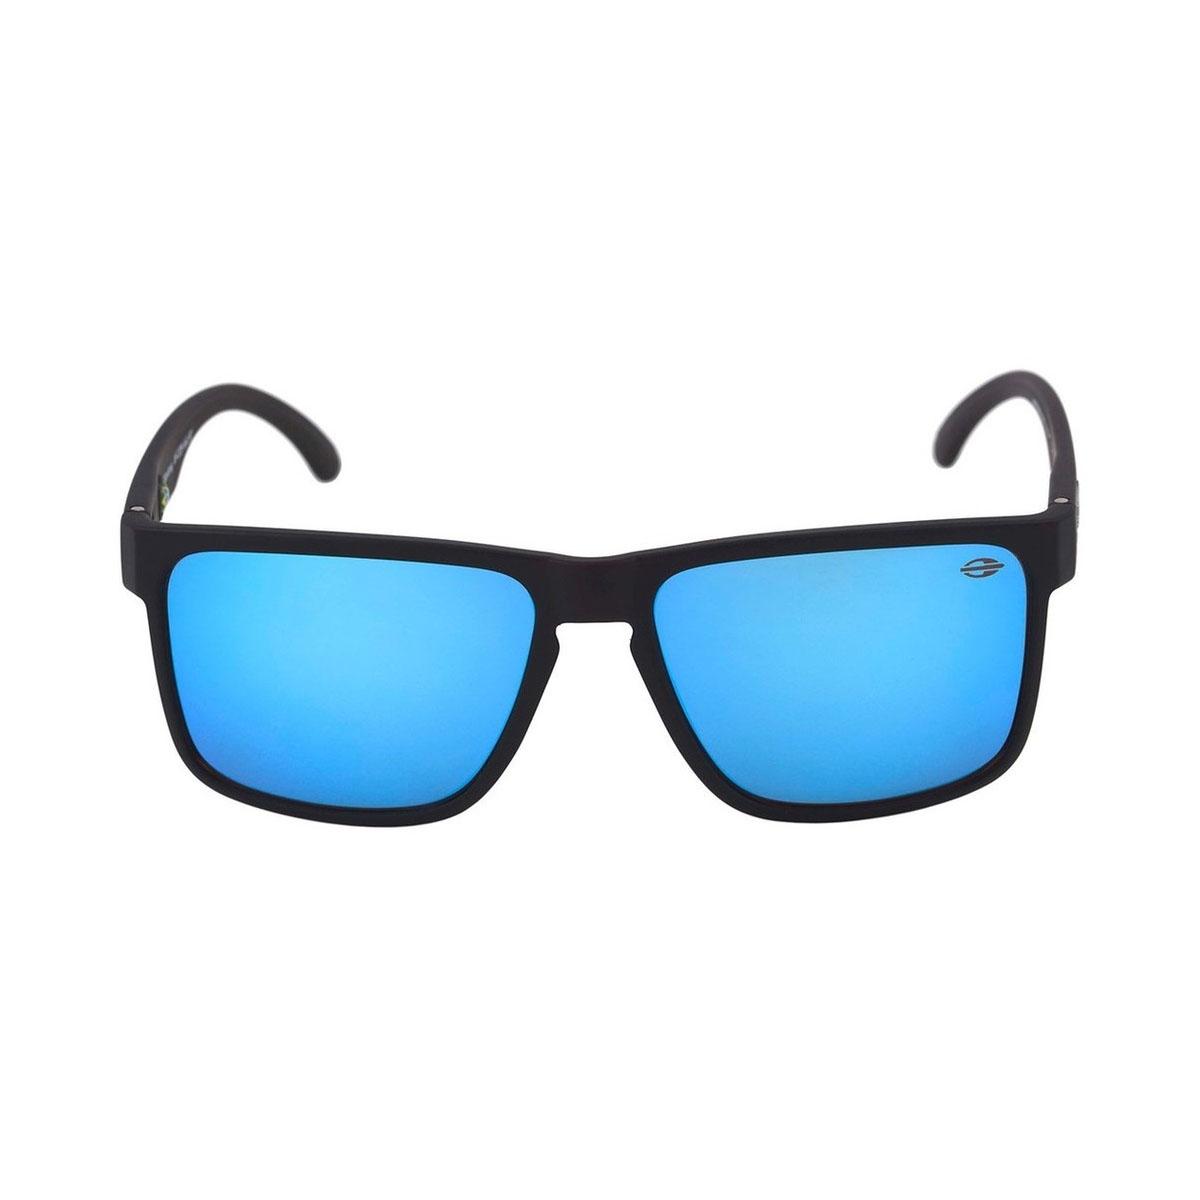 cab0658f2a9f9 Óculos Mormaii Monterey Preto Fosco  Azul Revolution ref M0029A1497